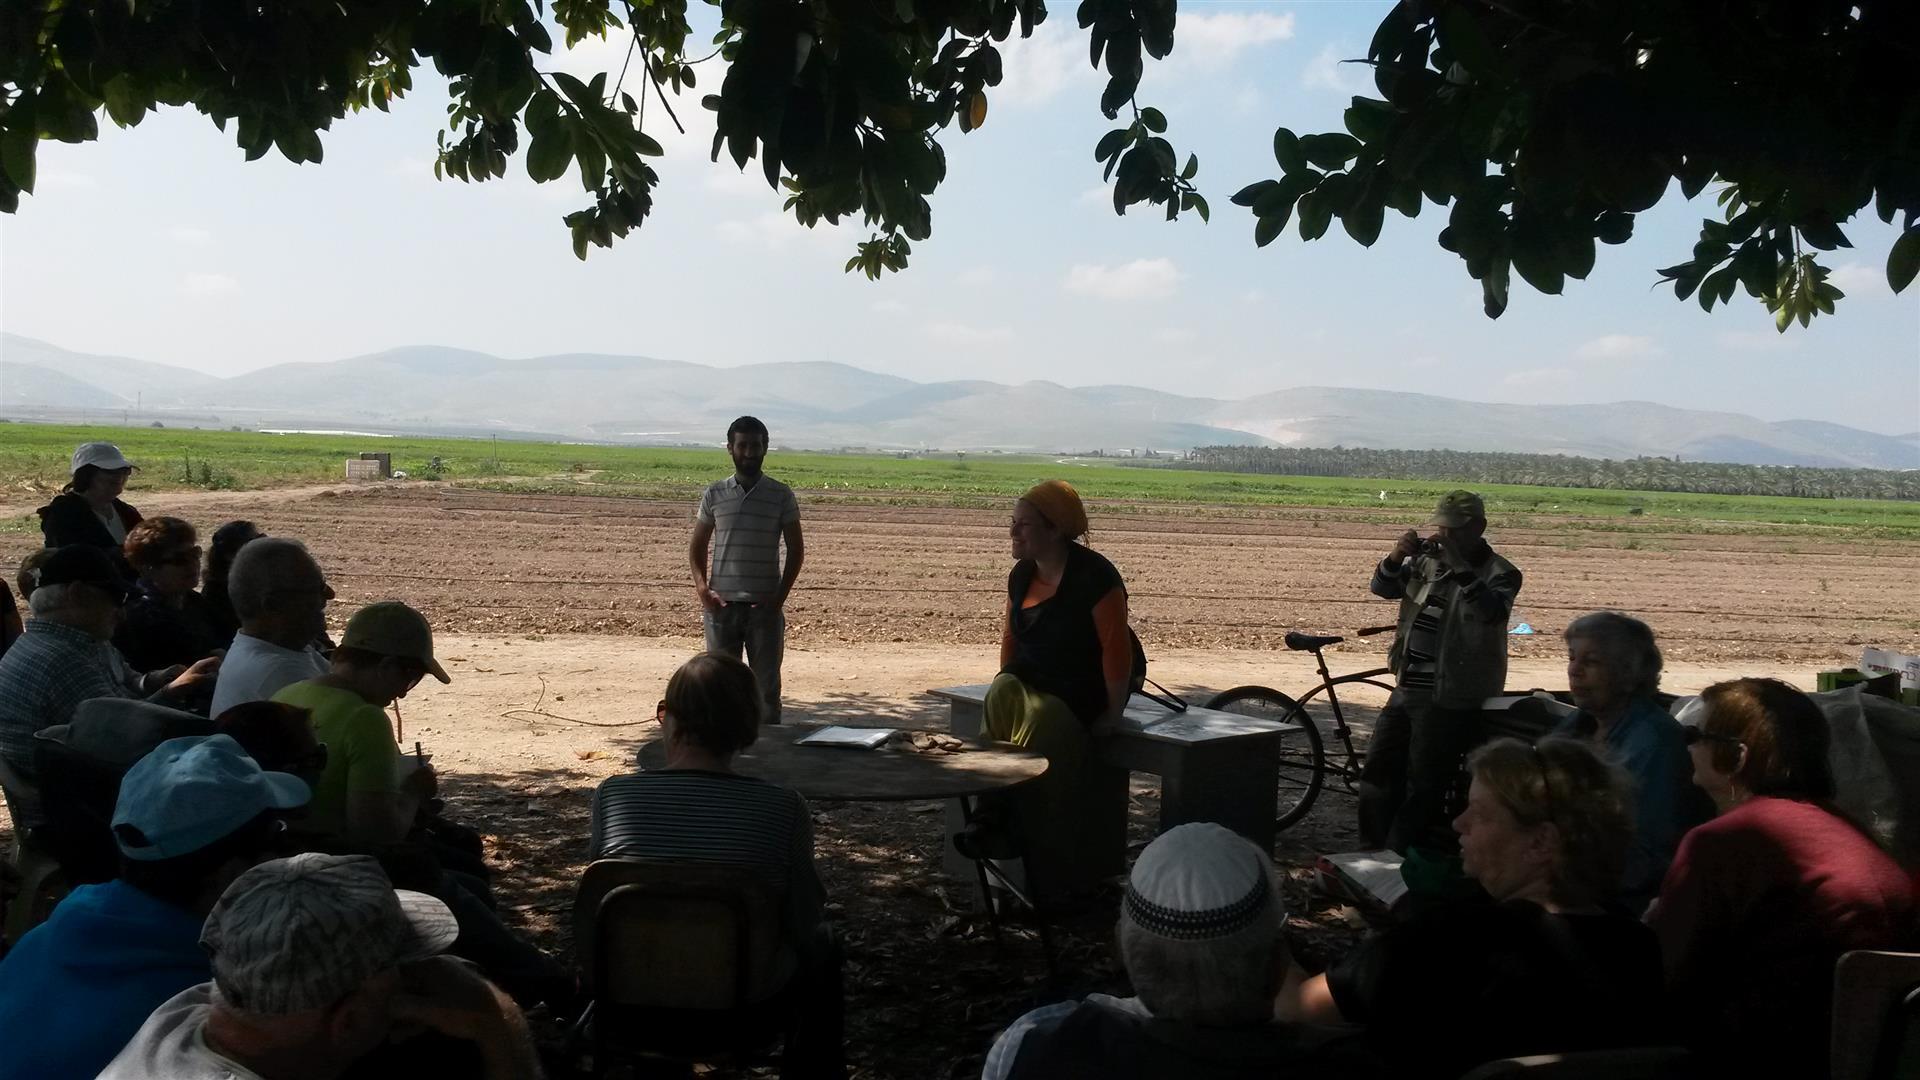 הדרכה בסיור קסום בין השדות עם הגידולים האורגניים של הקיבוץ